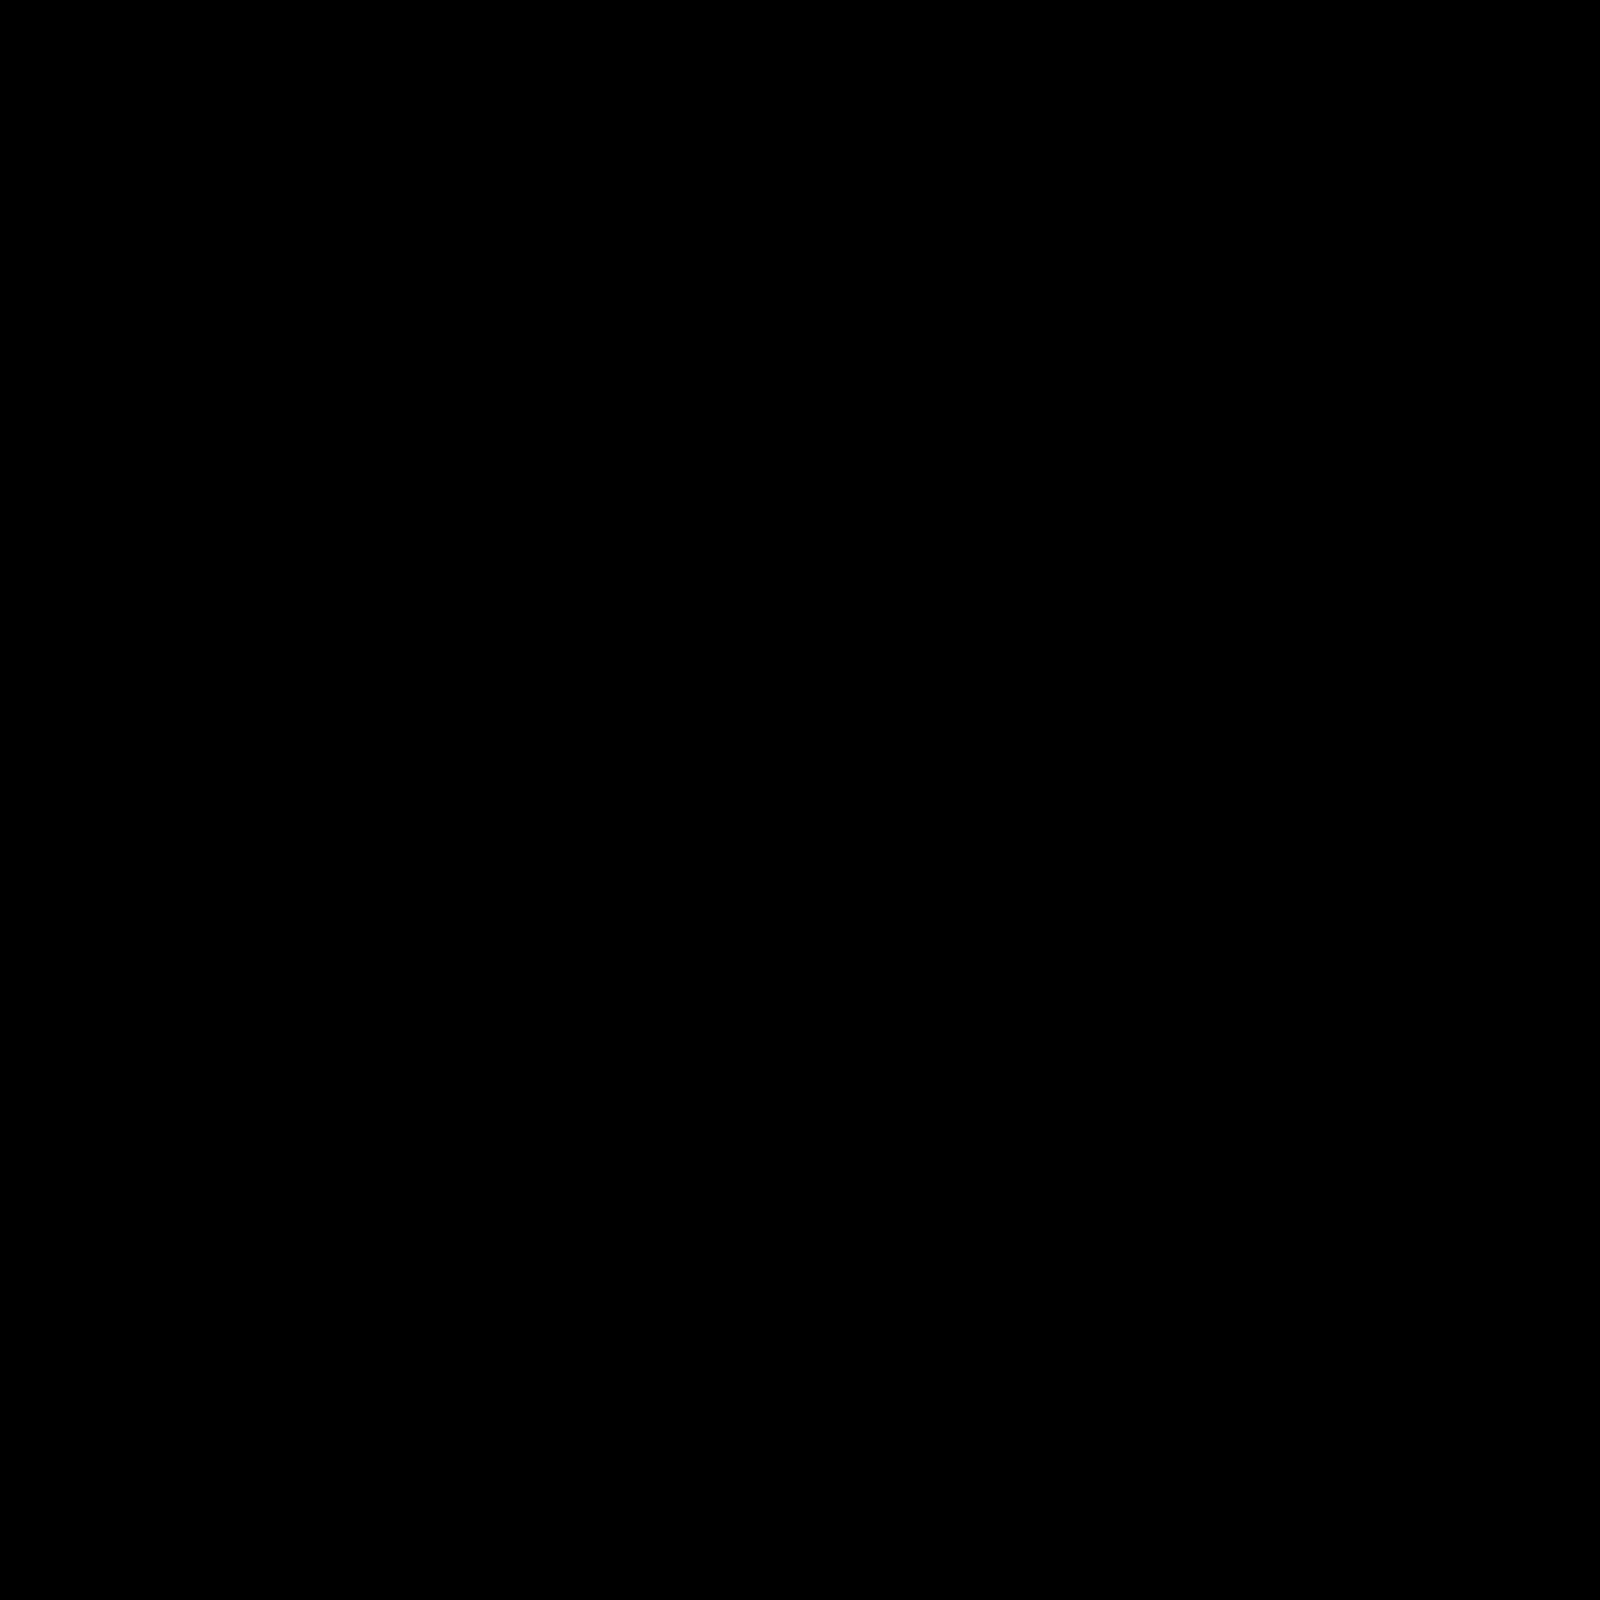 9  в закрашенном квадрате icon